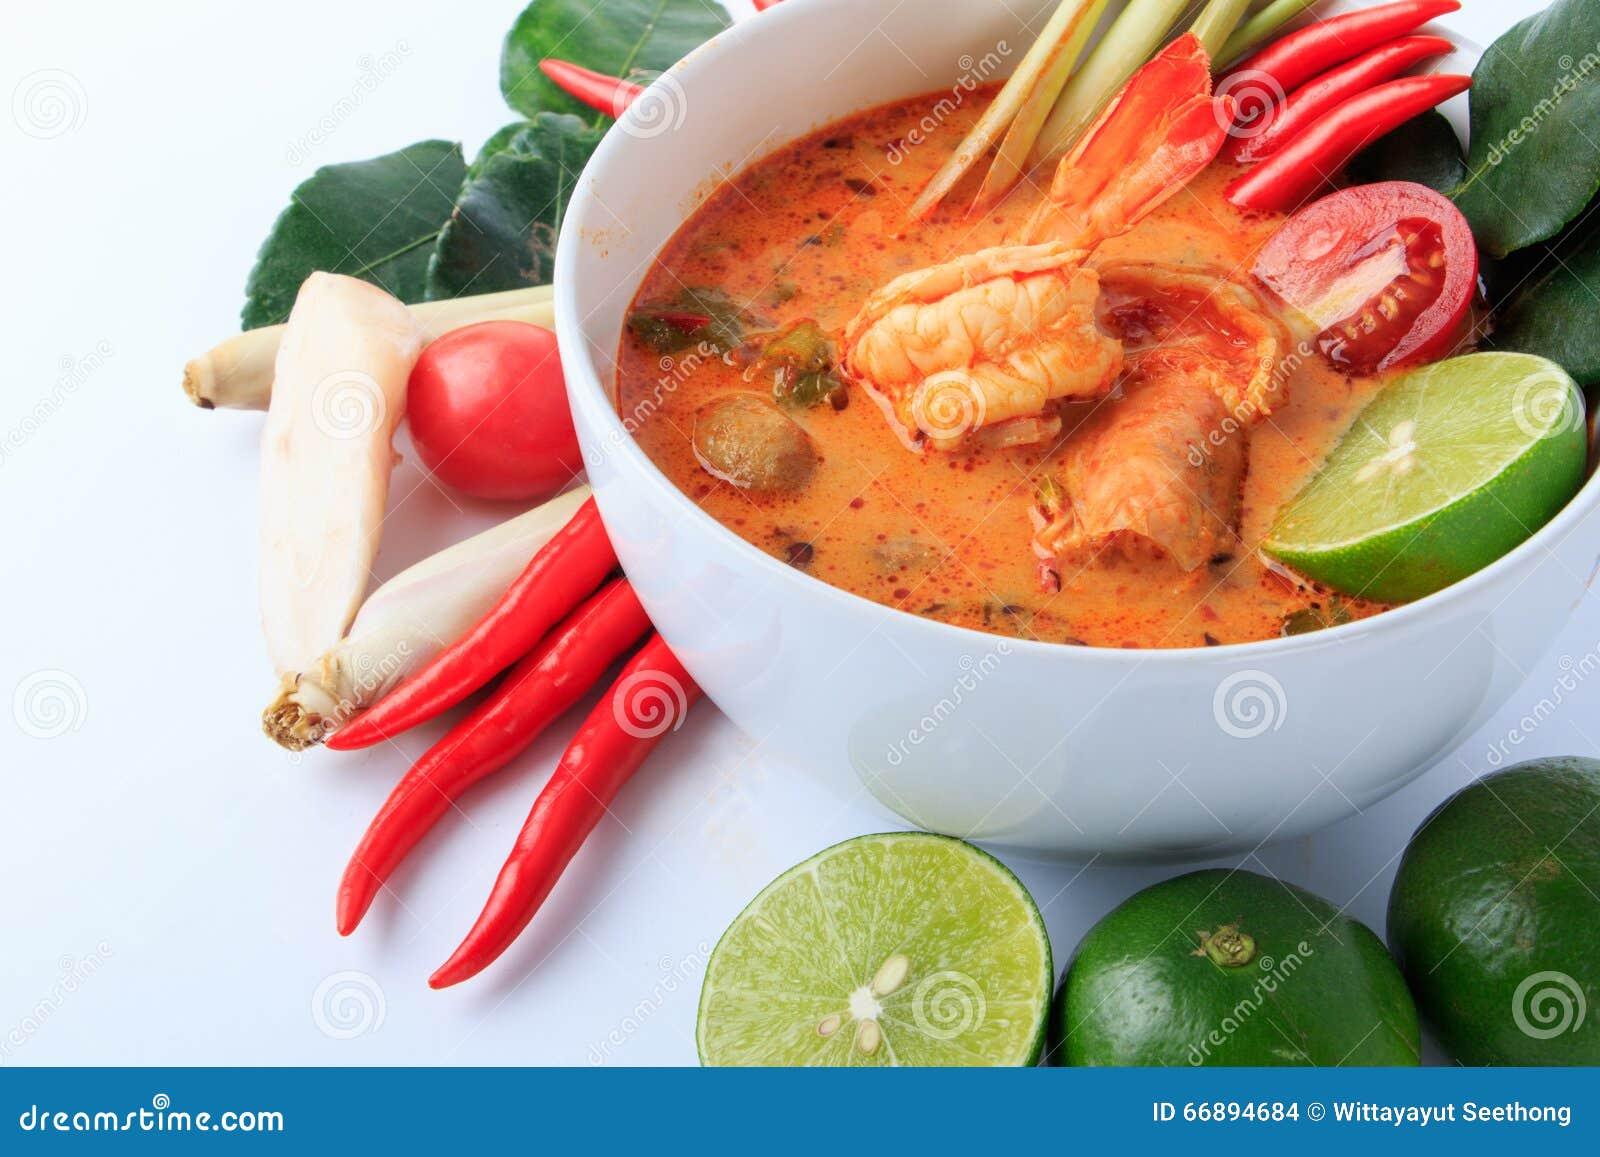 Тайский суп креветки с лимонным соргом (Томом Yum Goong) на белой предпосылке